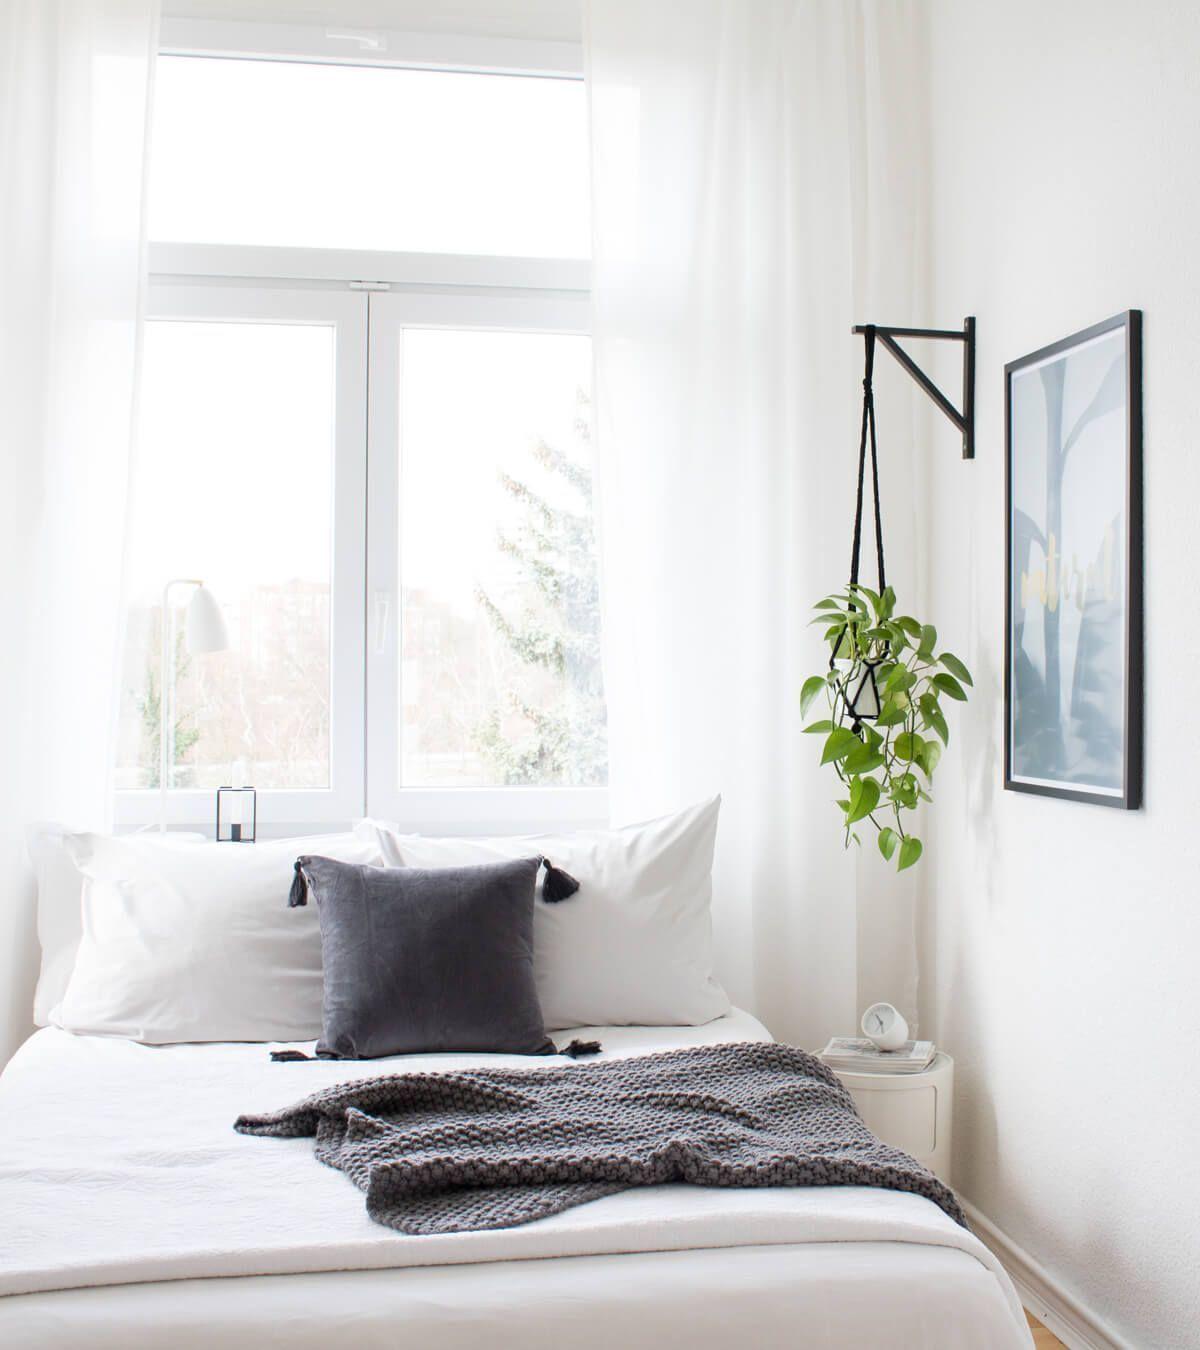 Déco mur blanc : idées originales  Décoration minimaliste